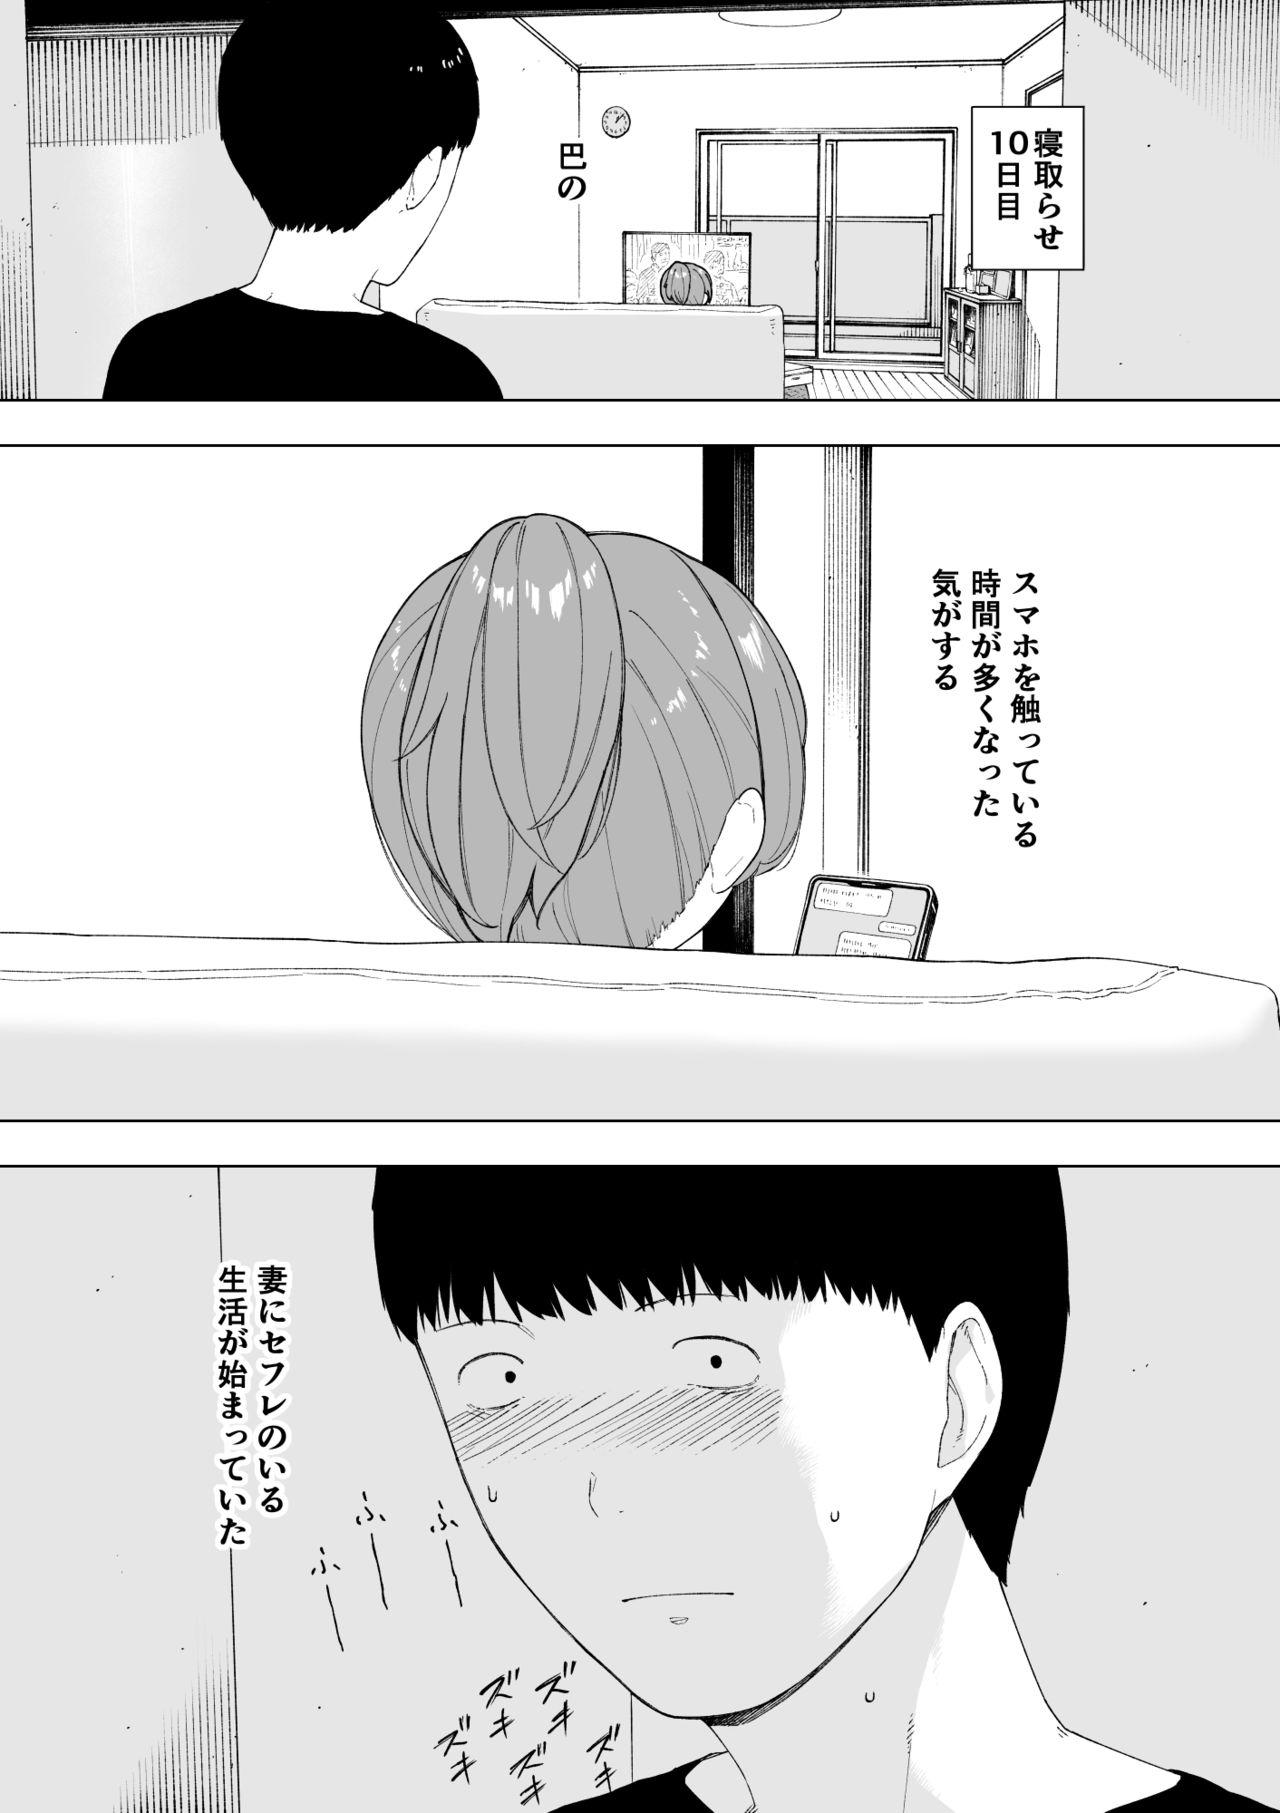 Aisai, Doui no Ue, Netorare 5 ~Moriguchi-ke no Onna~ page 10 full